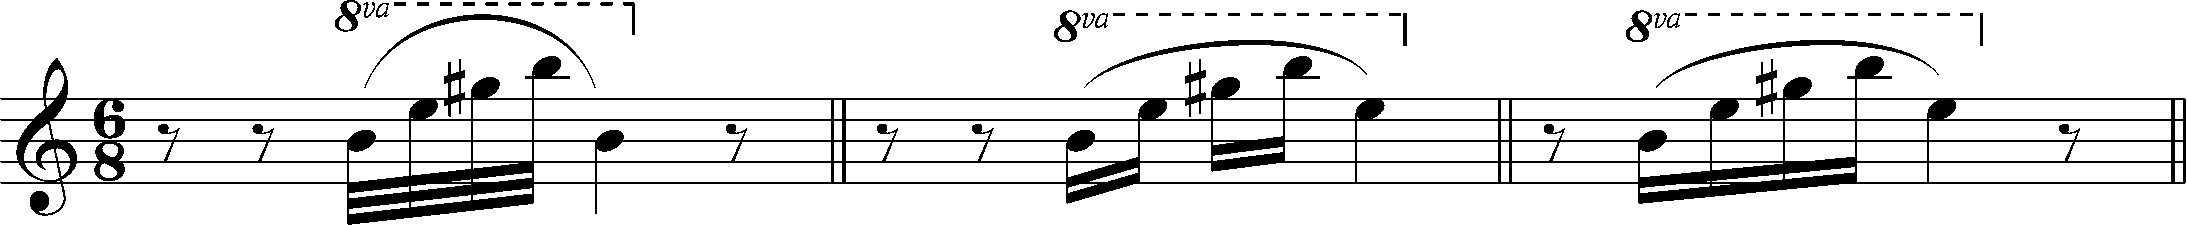 Score Example 4b